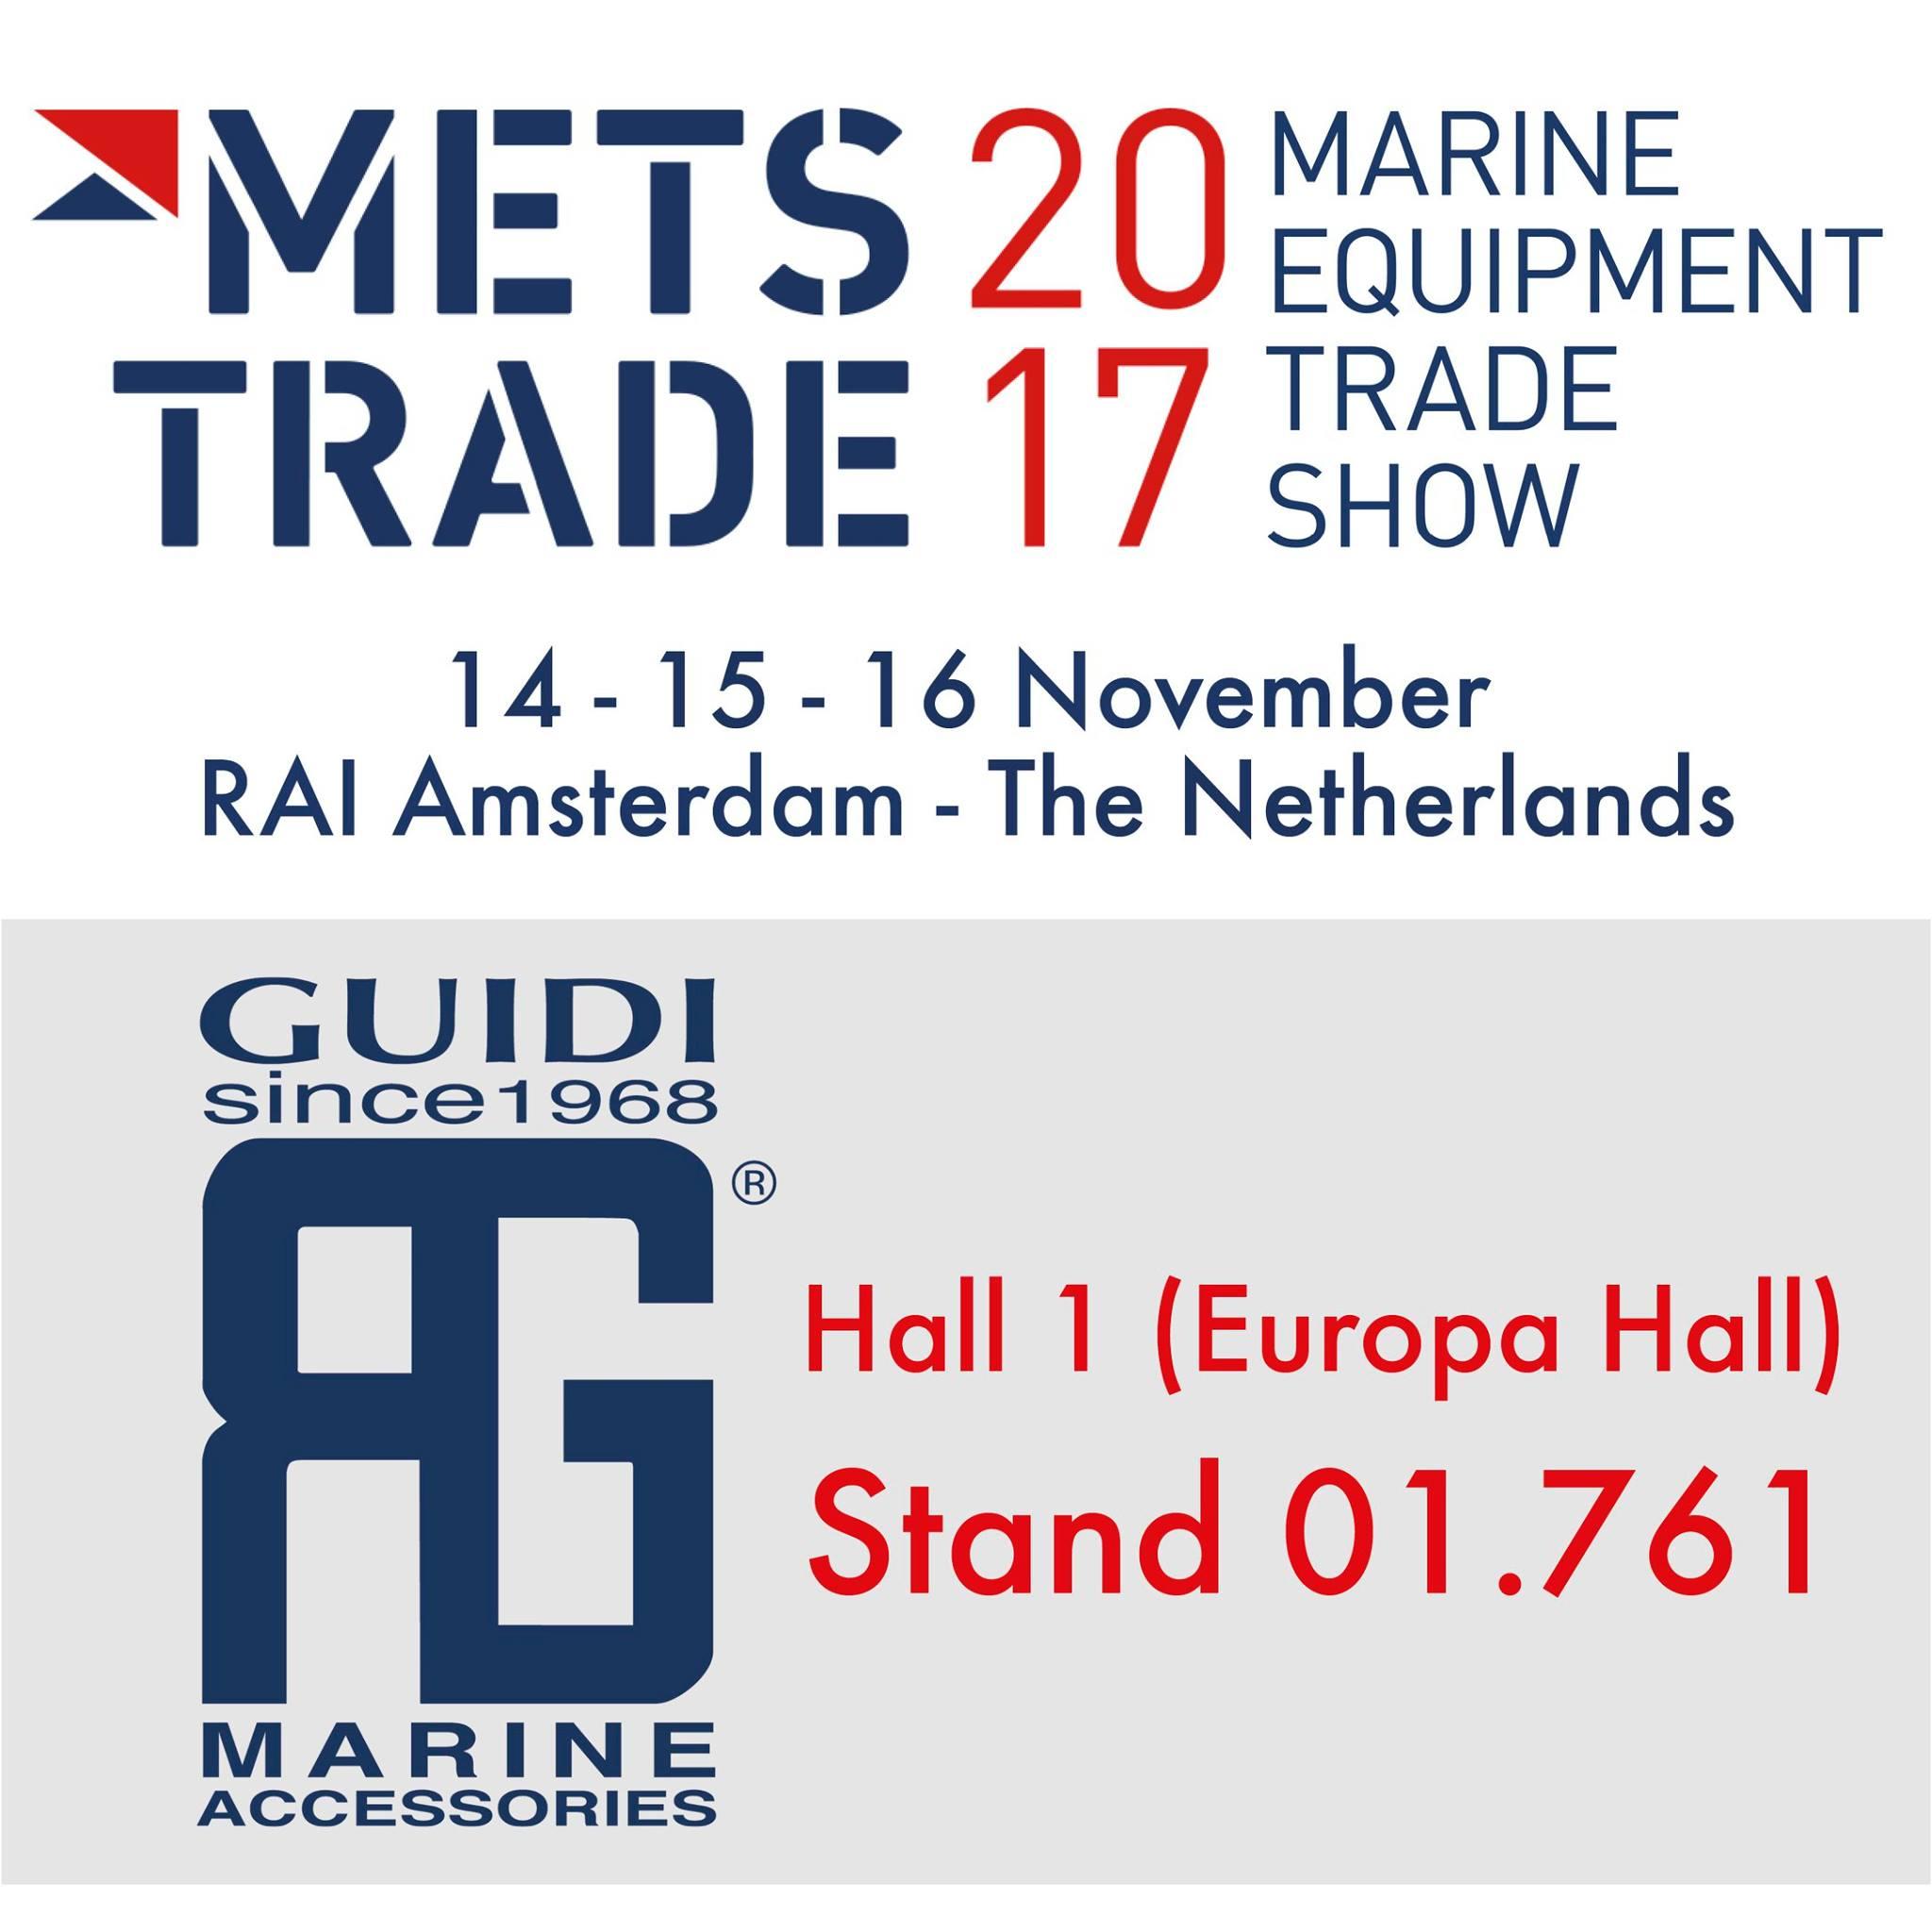 mets trade 2017